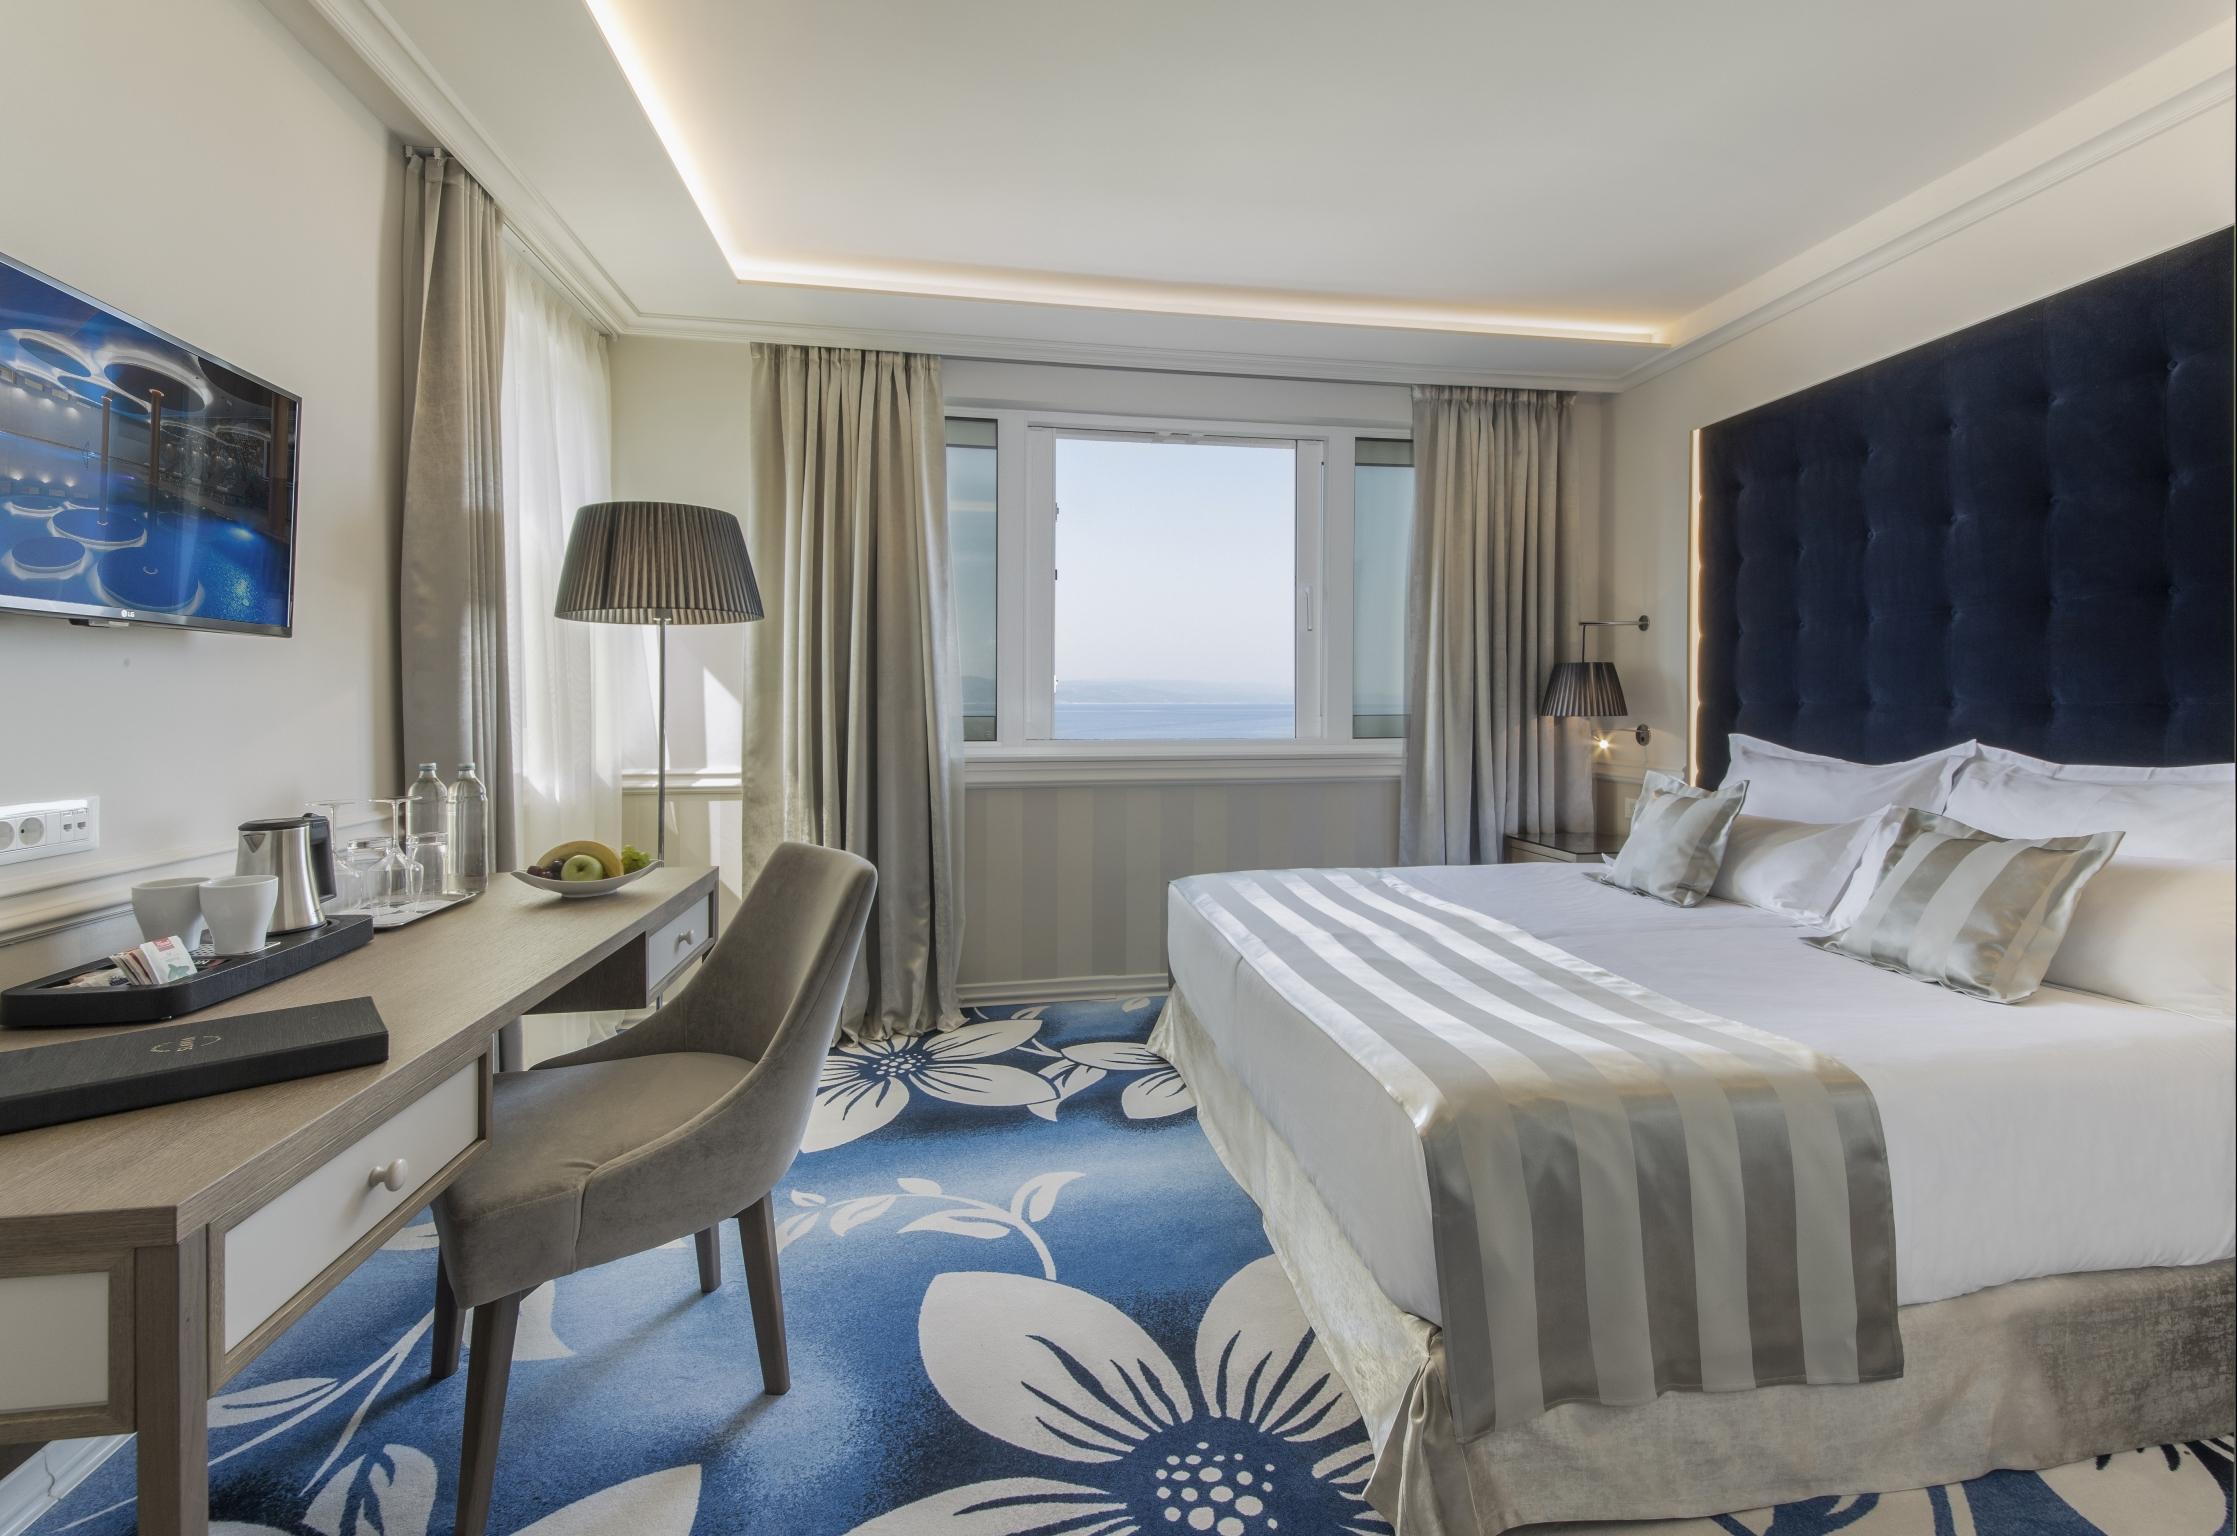 Grand hotel Slavia 6